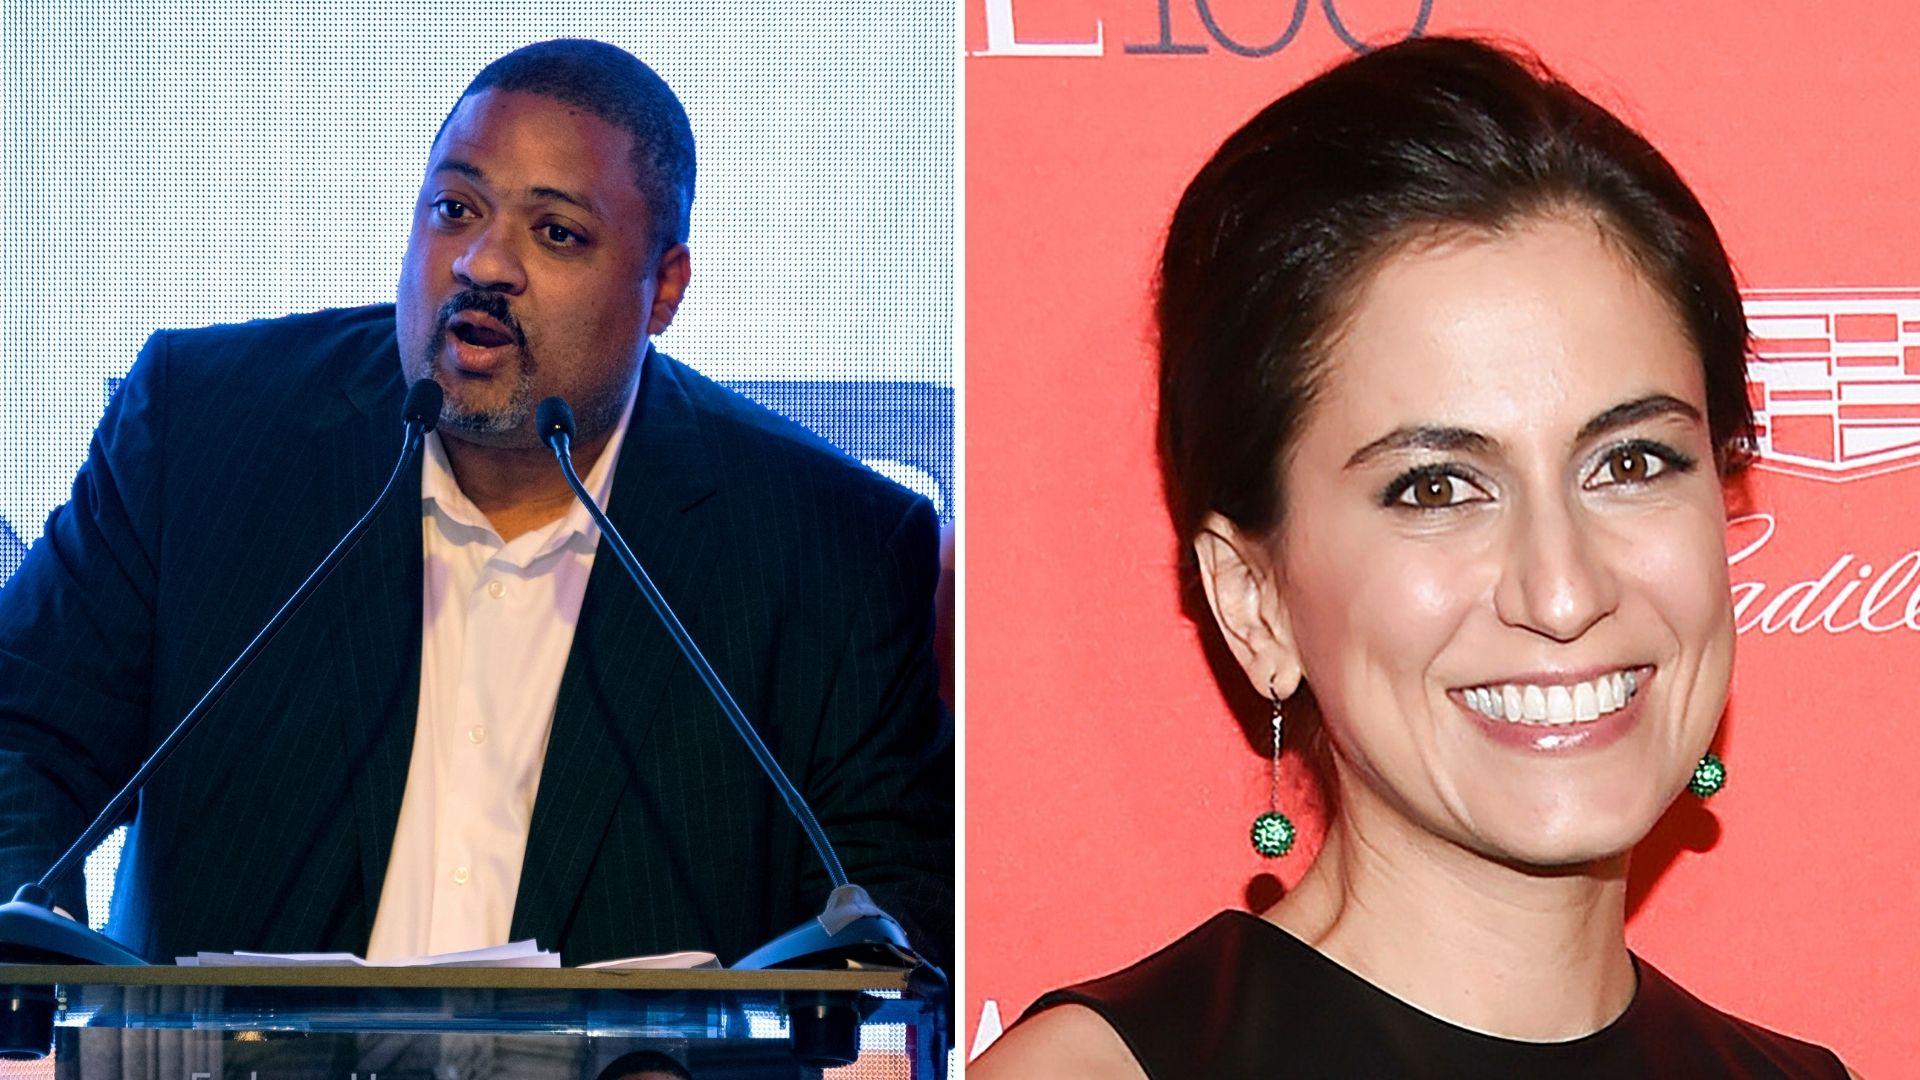 Democratic candidates for Manhattan DA Alvin Bragg and Tali Farhadian Weinstein